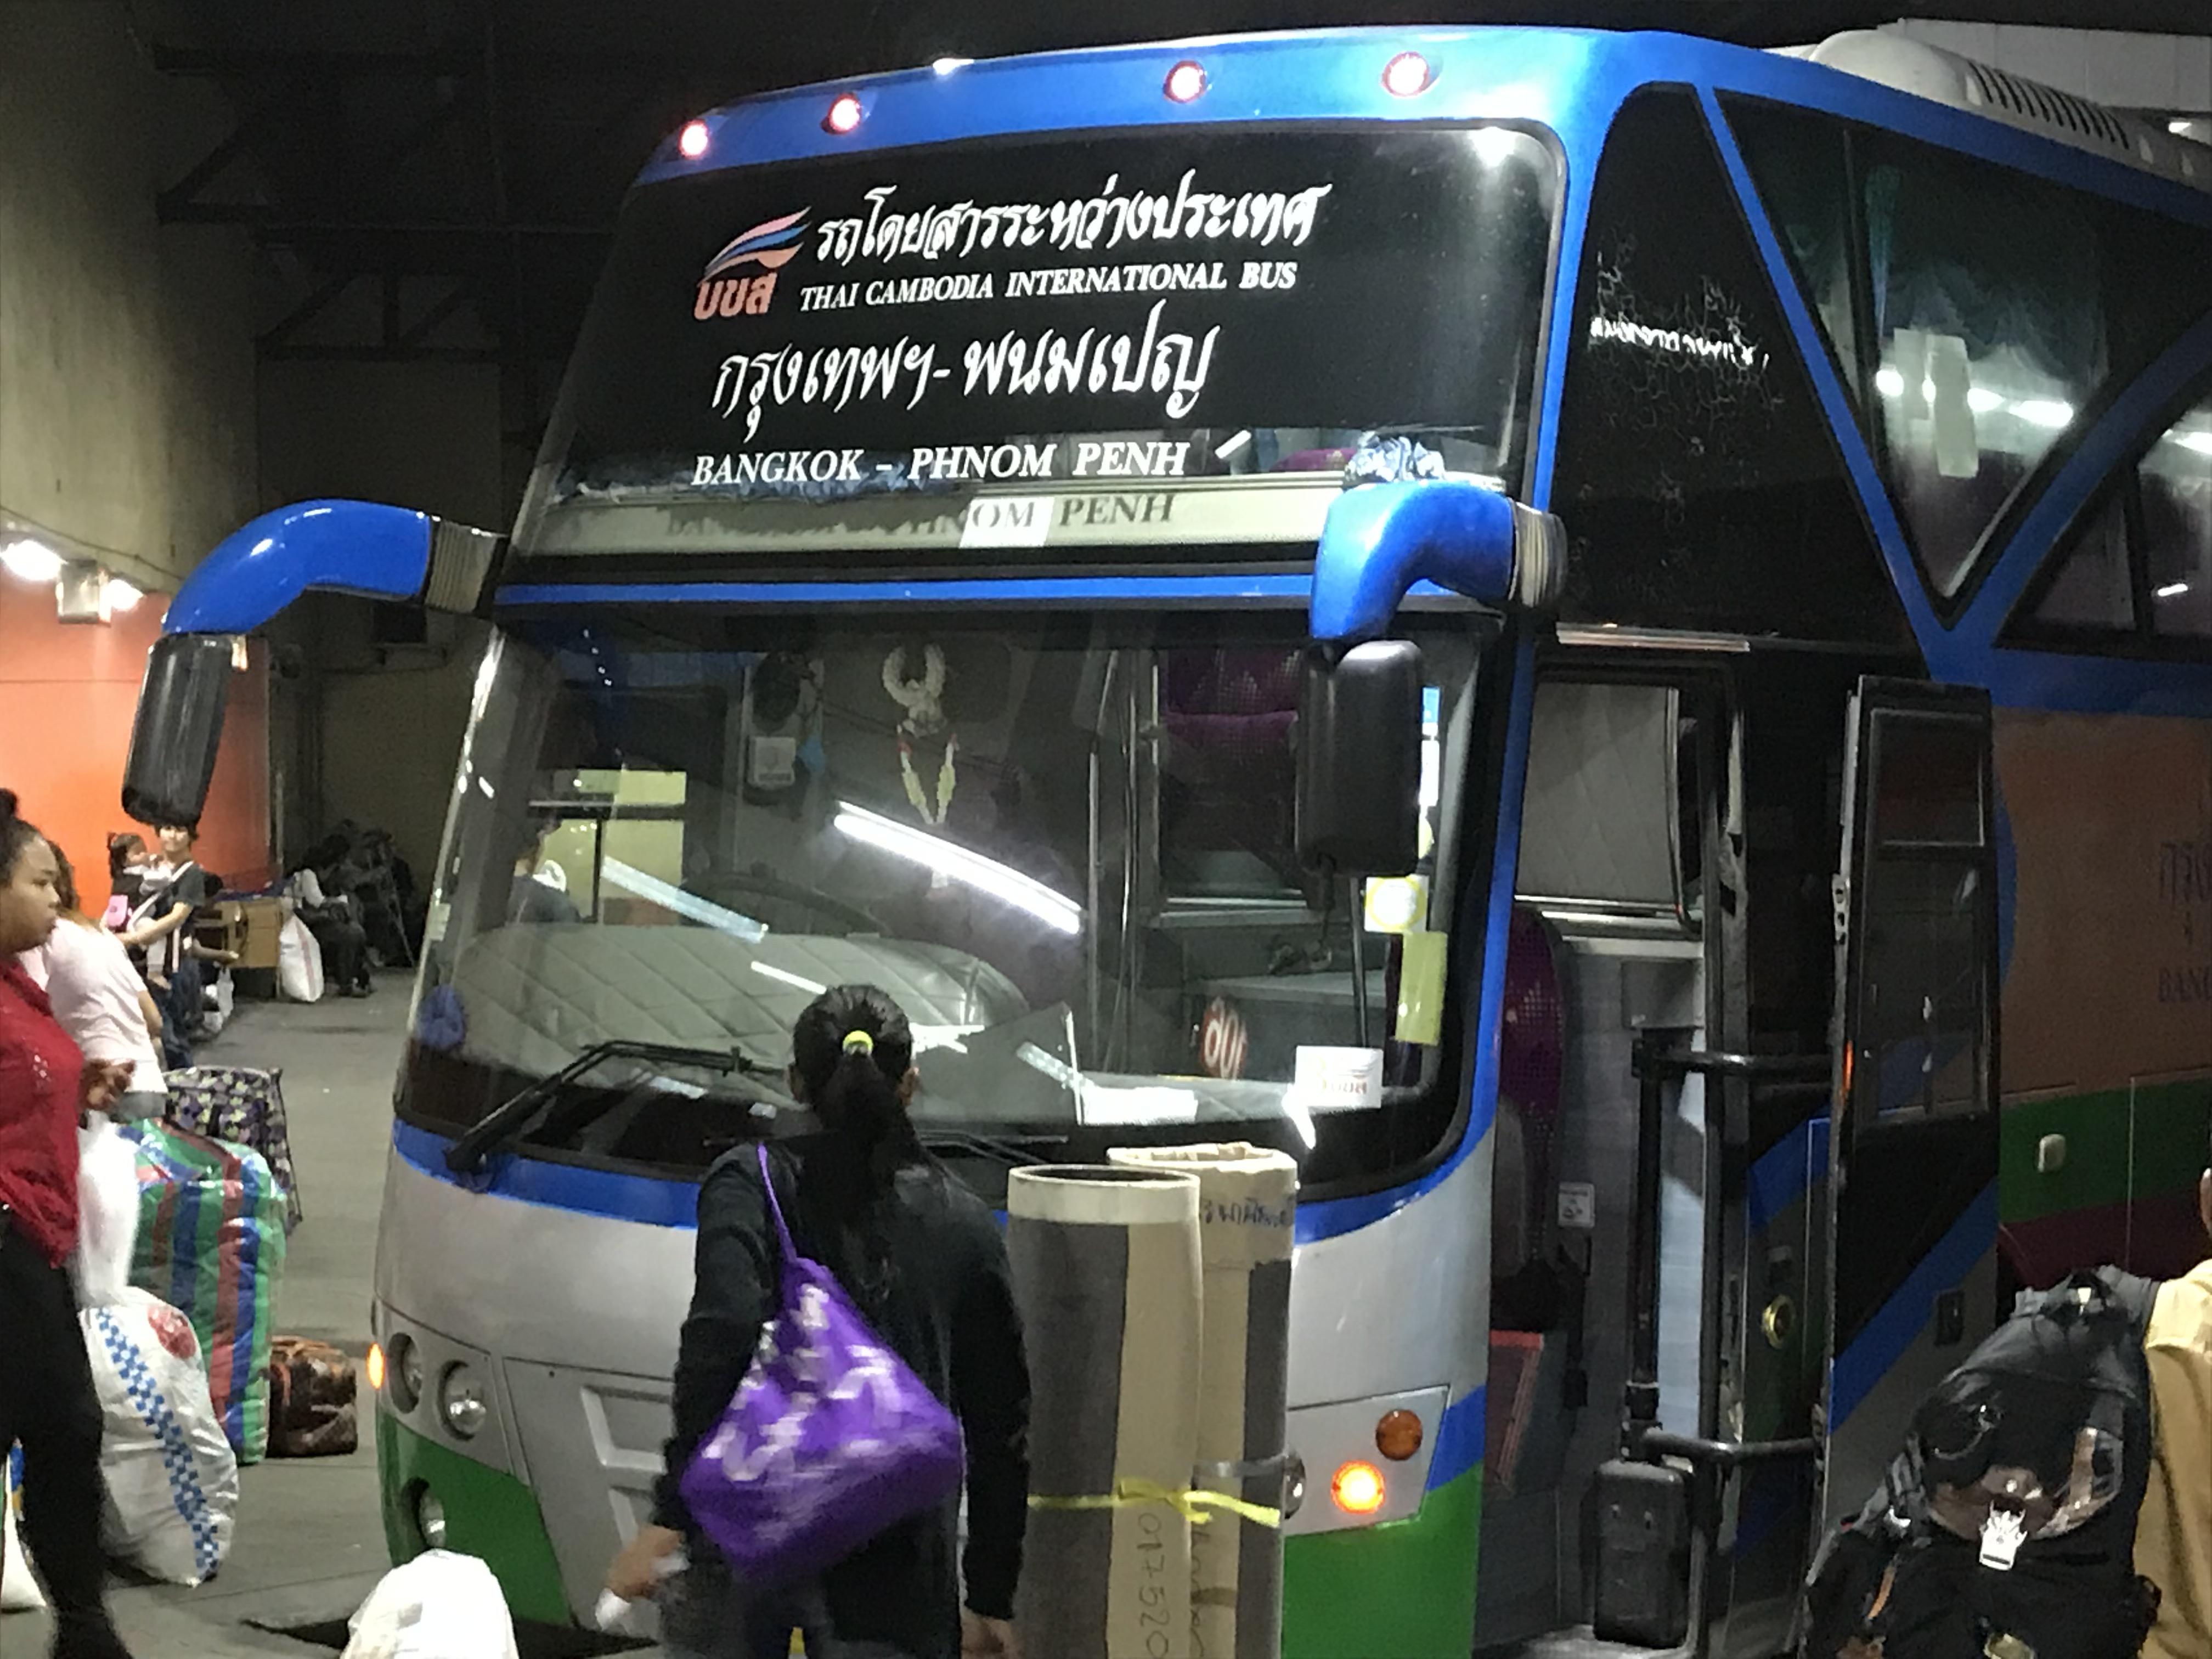 バンコク プノンペン バス